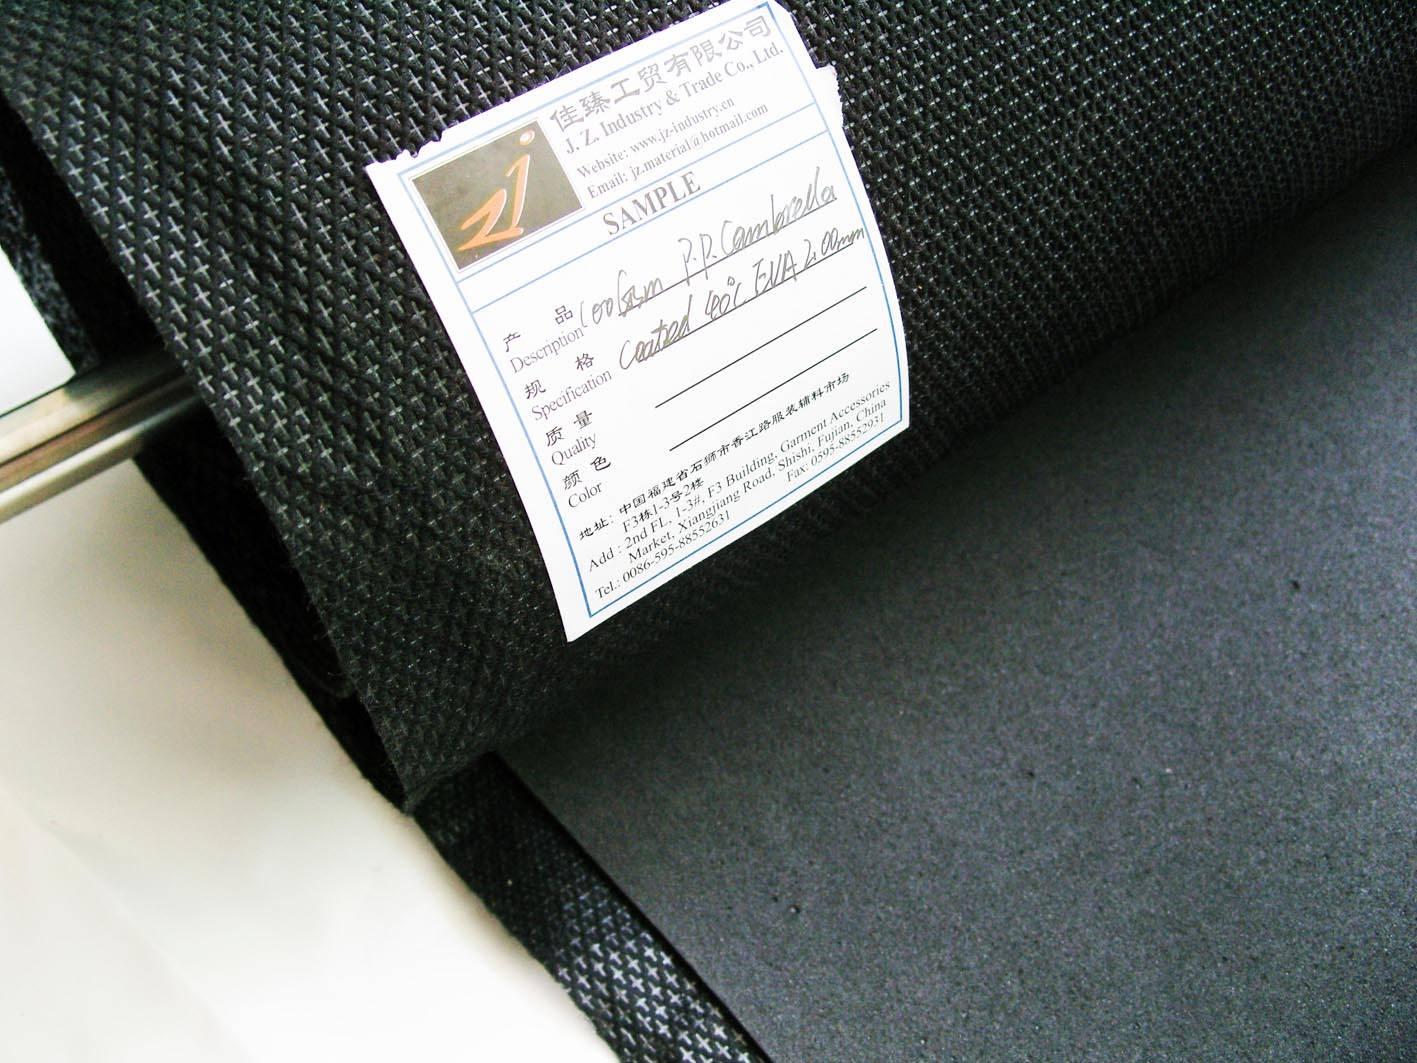 Cambrella Coated With EVA/Sponge